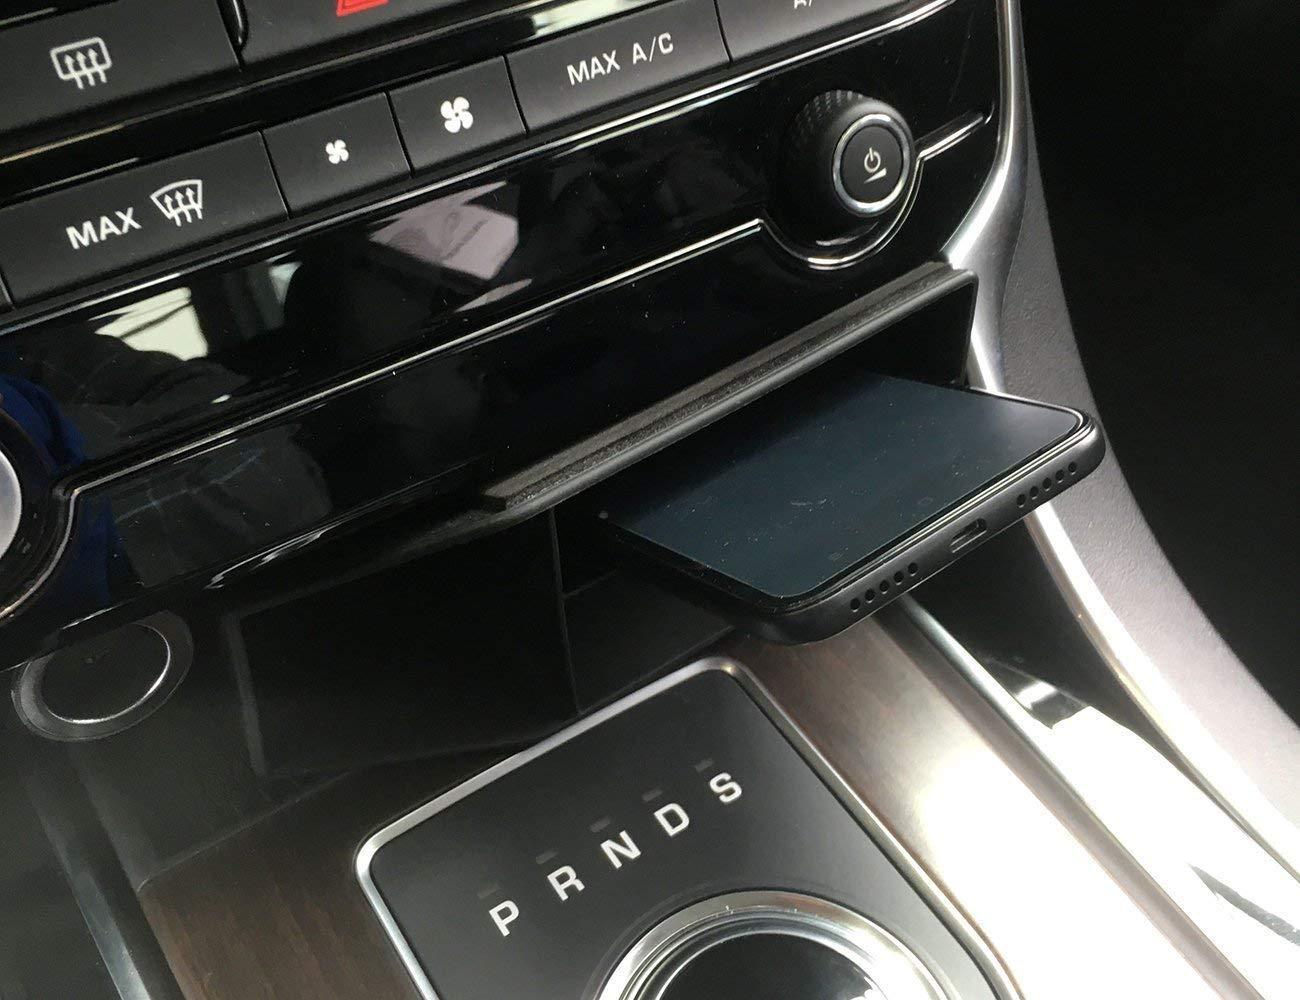 Bandeja del telé fono de la caja de almacenamiento multifuncional central plá stica de la consola para XF 2016 2017 XFL, XE, XEL negro Auto-broy